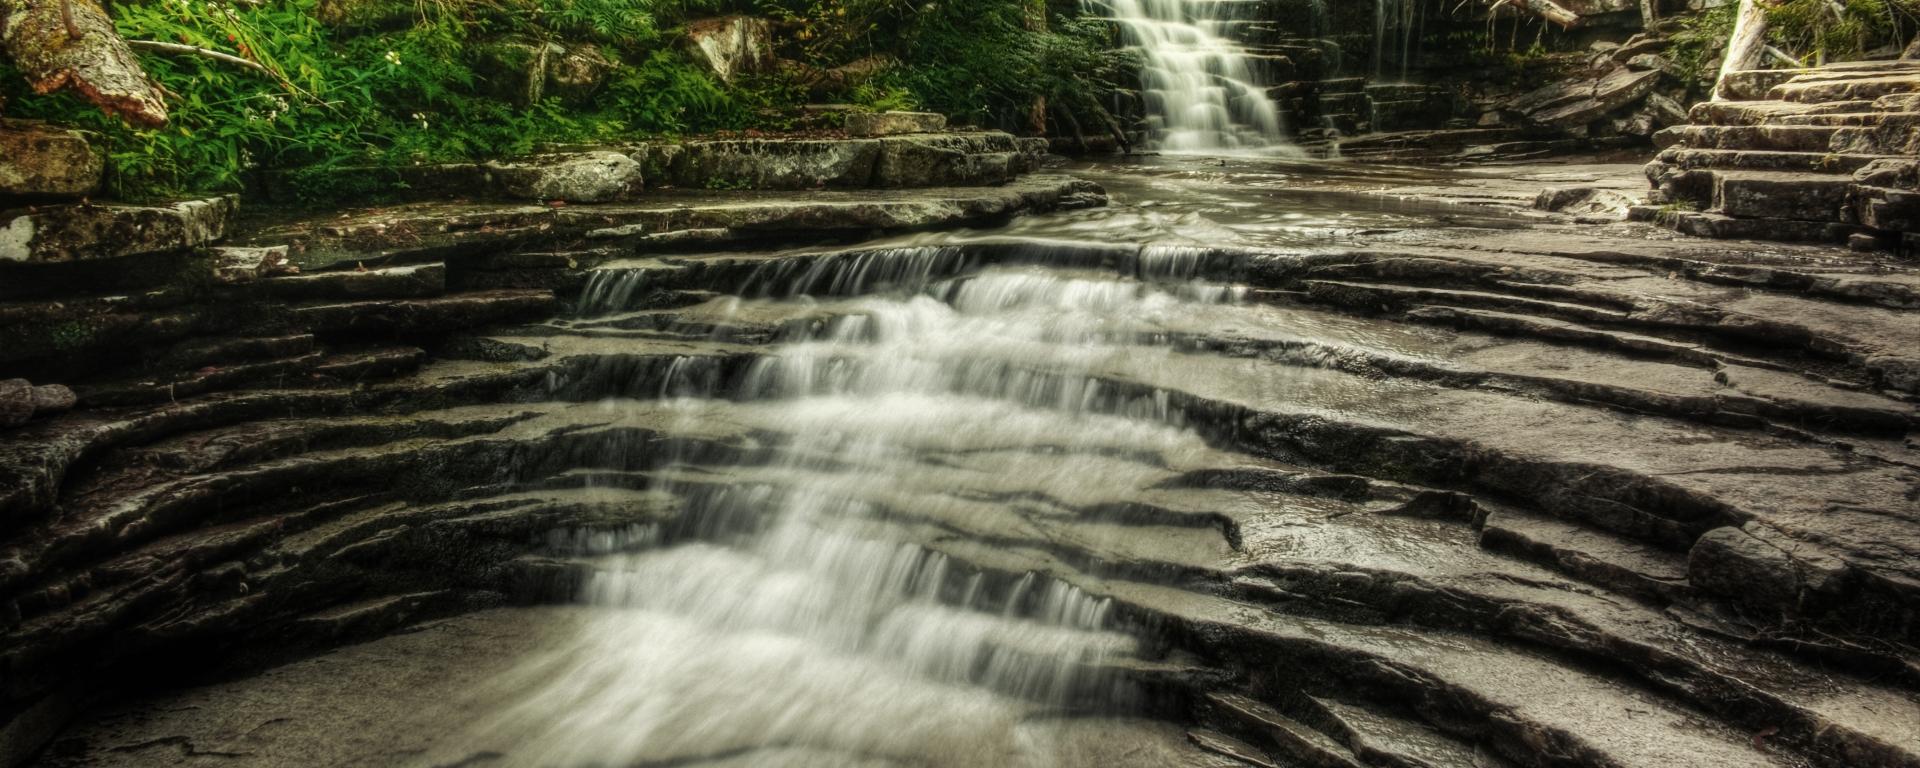 Coliseum Falls – New Hampshire